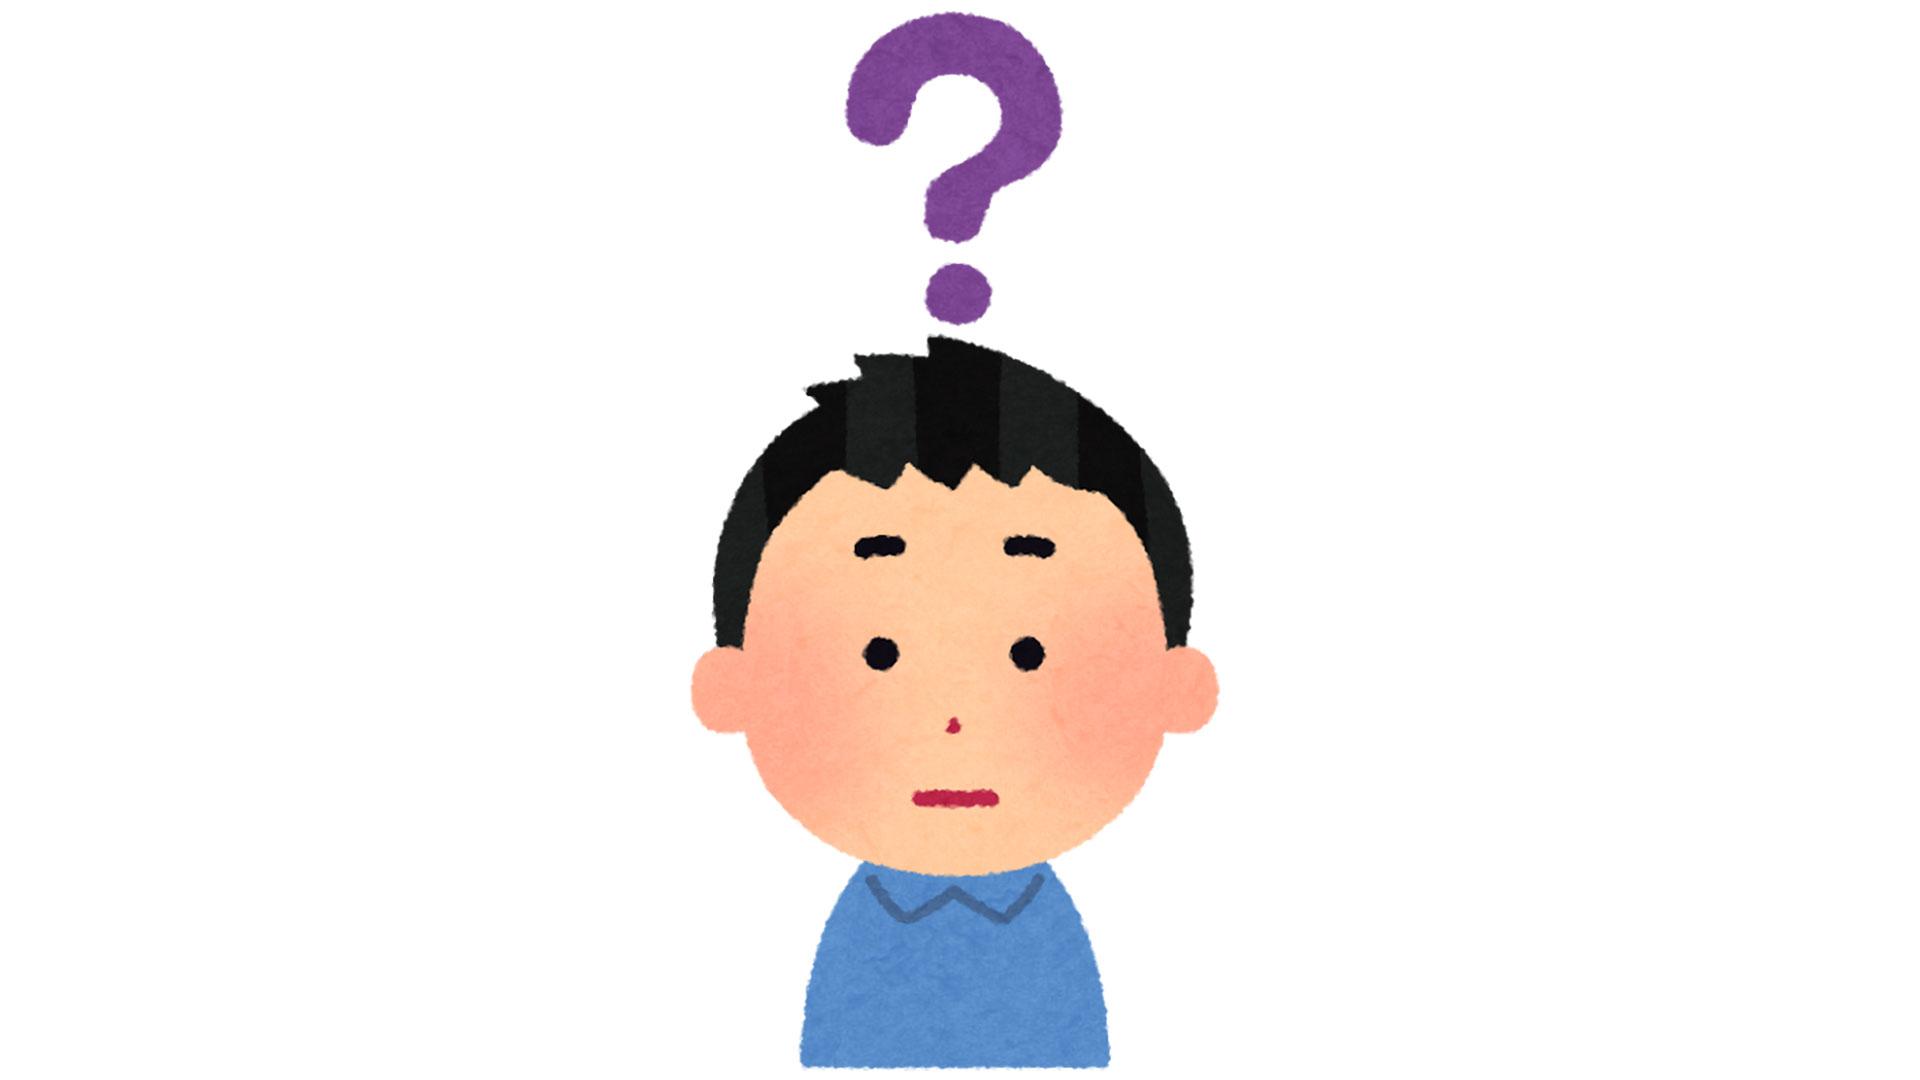 【共感】ある漢字のツイートに反響が!!!『完全に誤字でもまぁ読める』『誤字というより創作漢字』と話題にwww